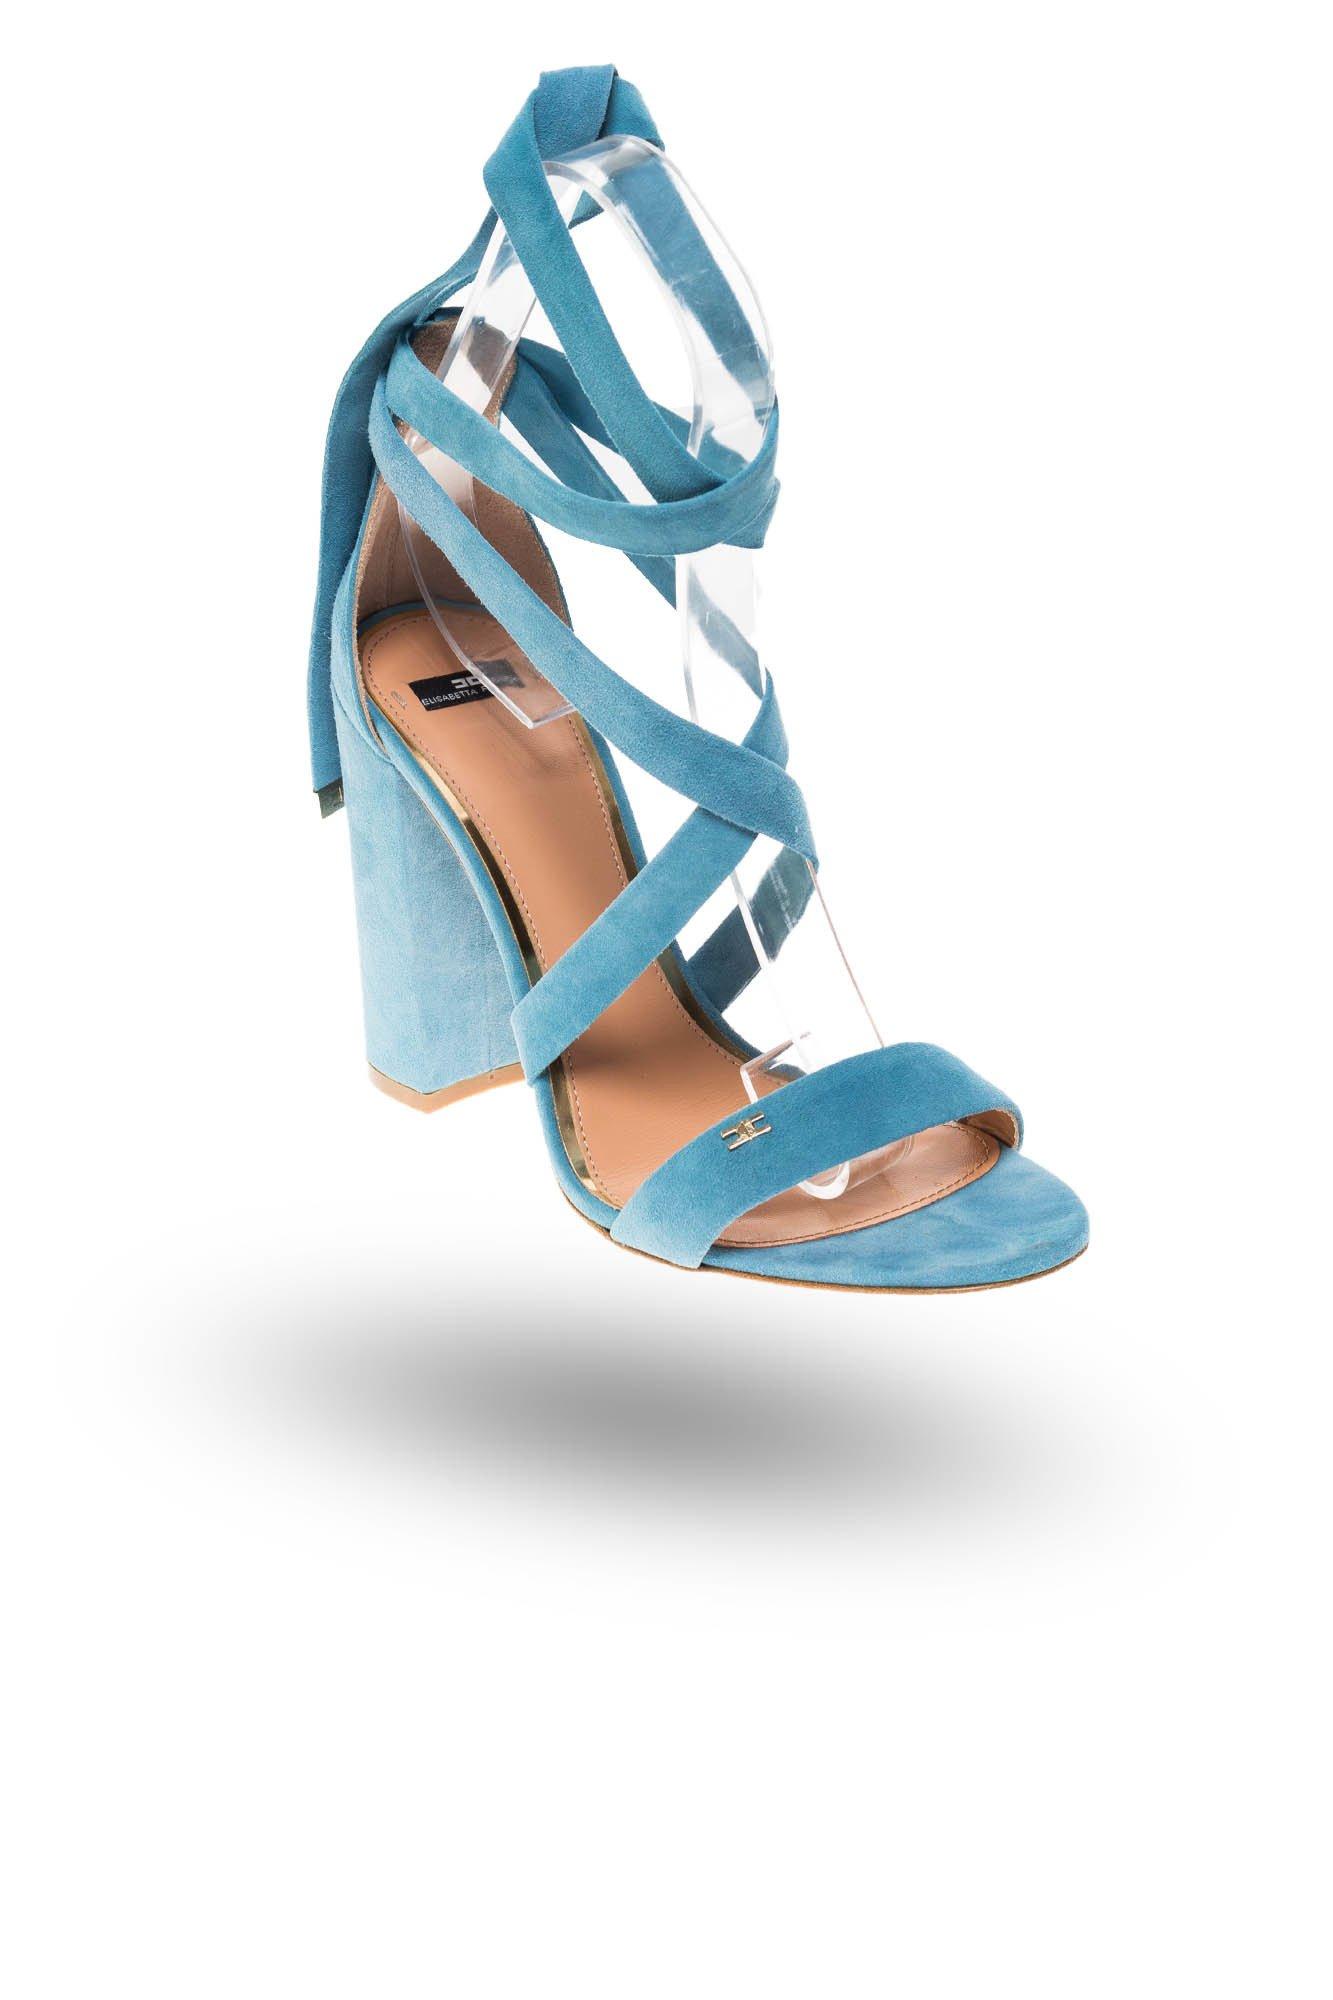 89a322cc4d8bbd Niebieskie zamszowe sandały na słupku · Niebieskie zamszowe sandały na  słupku ...